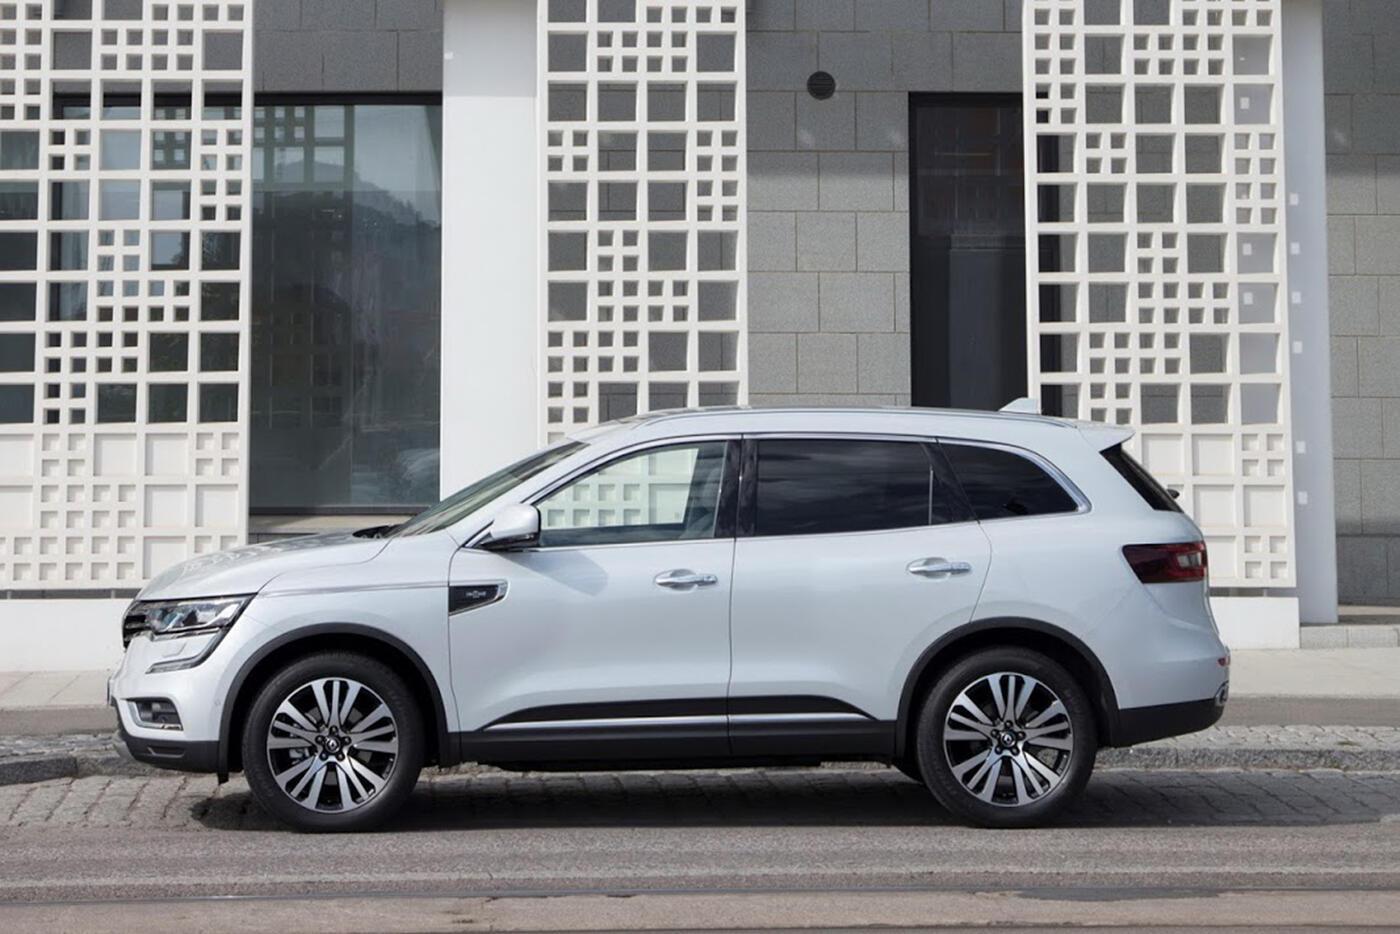 Chiêm ngưỡng vẻ đẹp của Renault Koleos 2017 - Hình 3